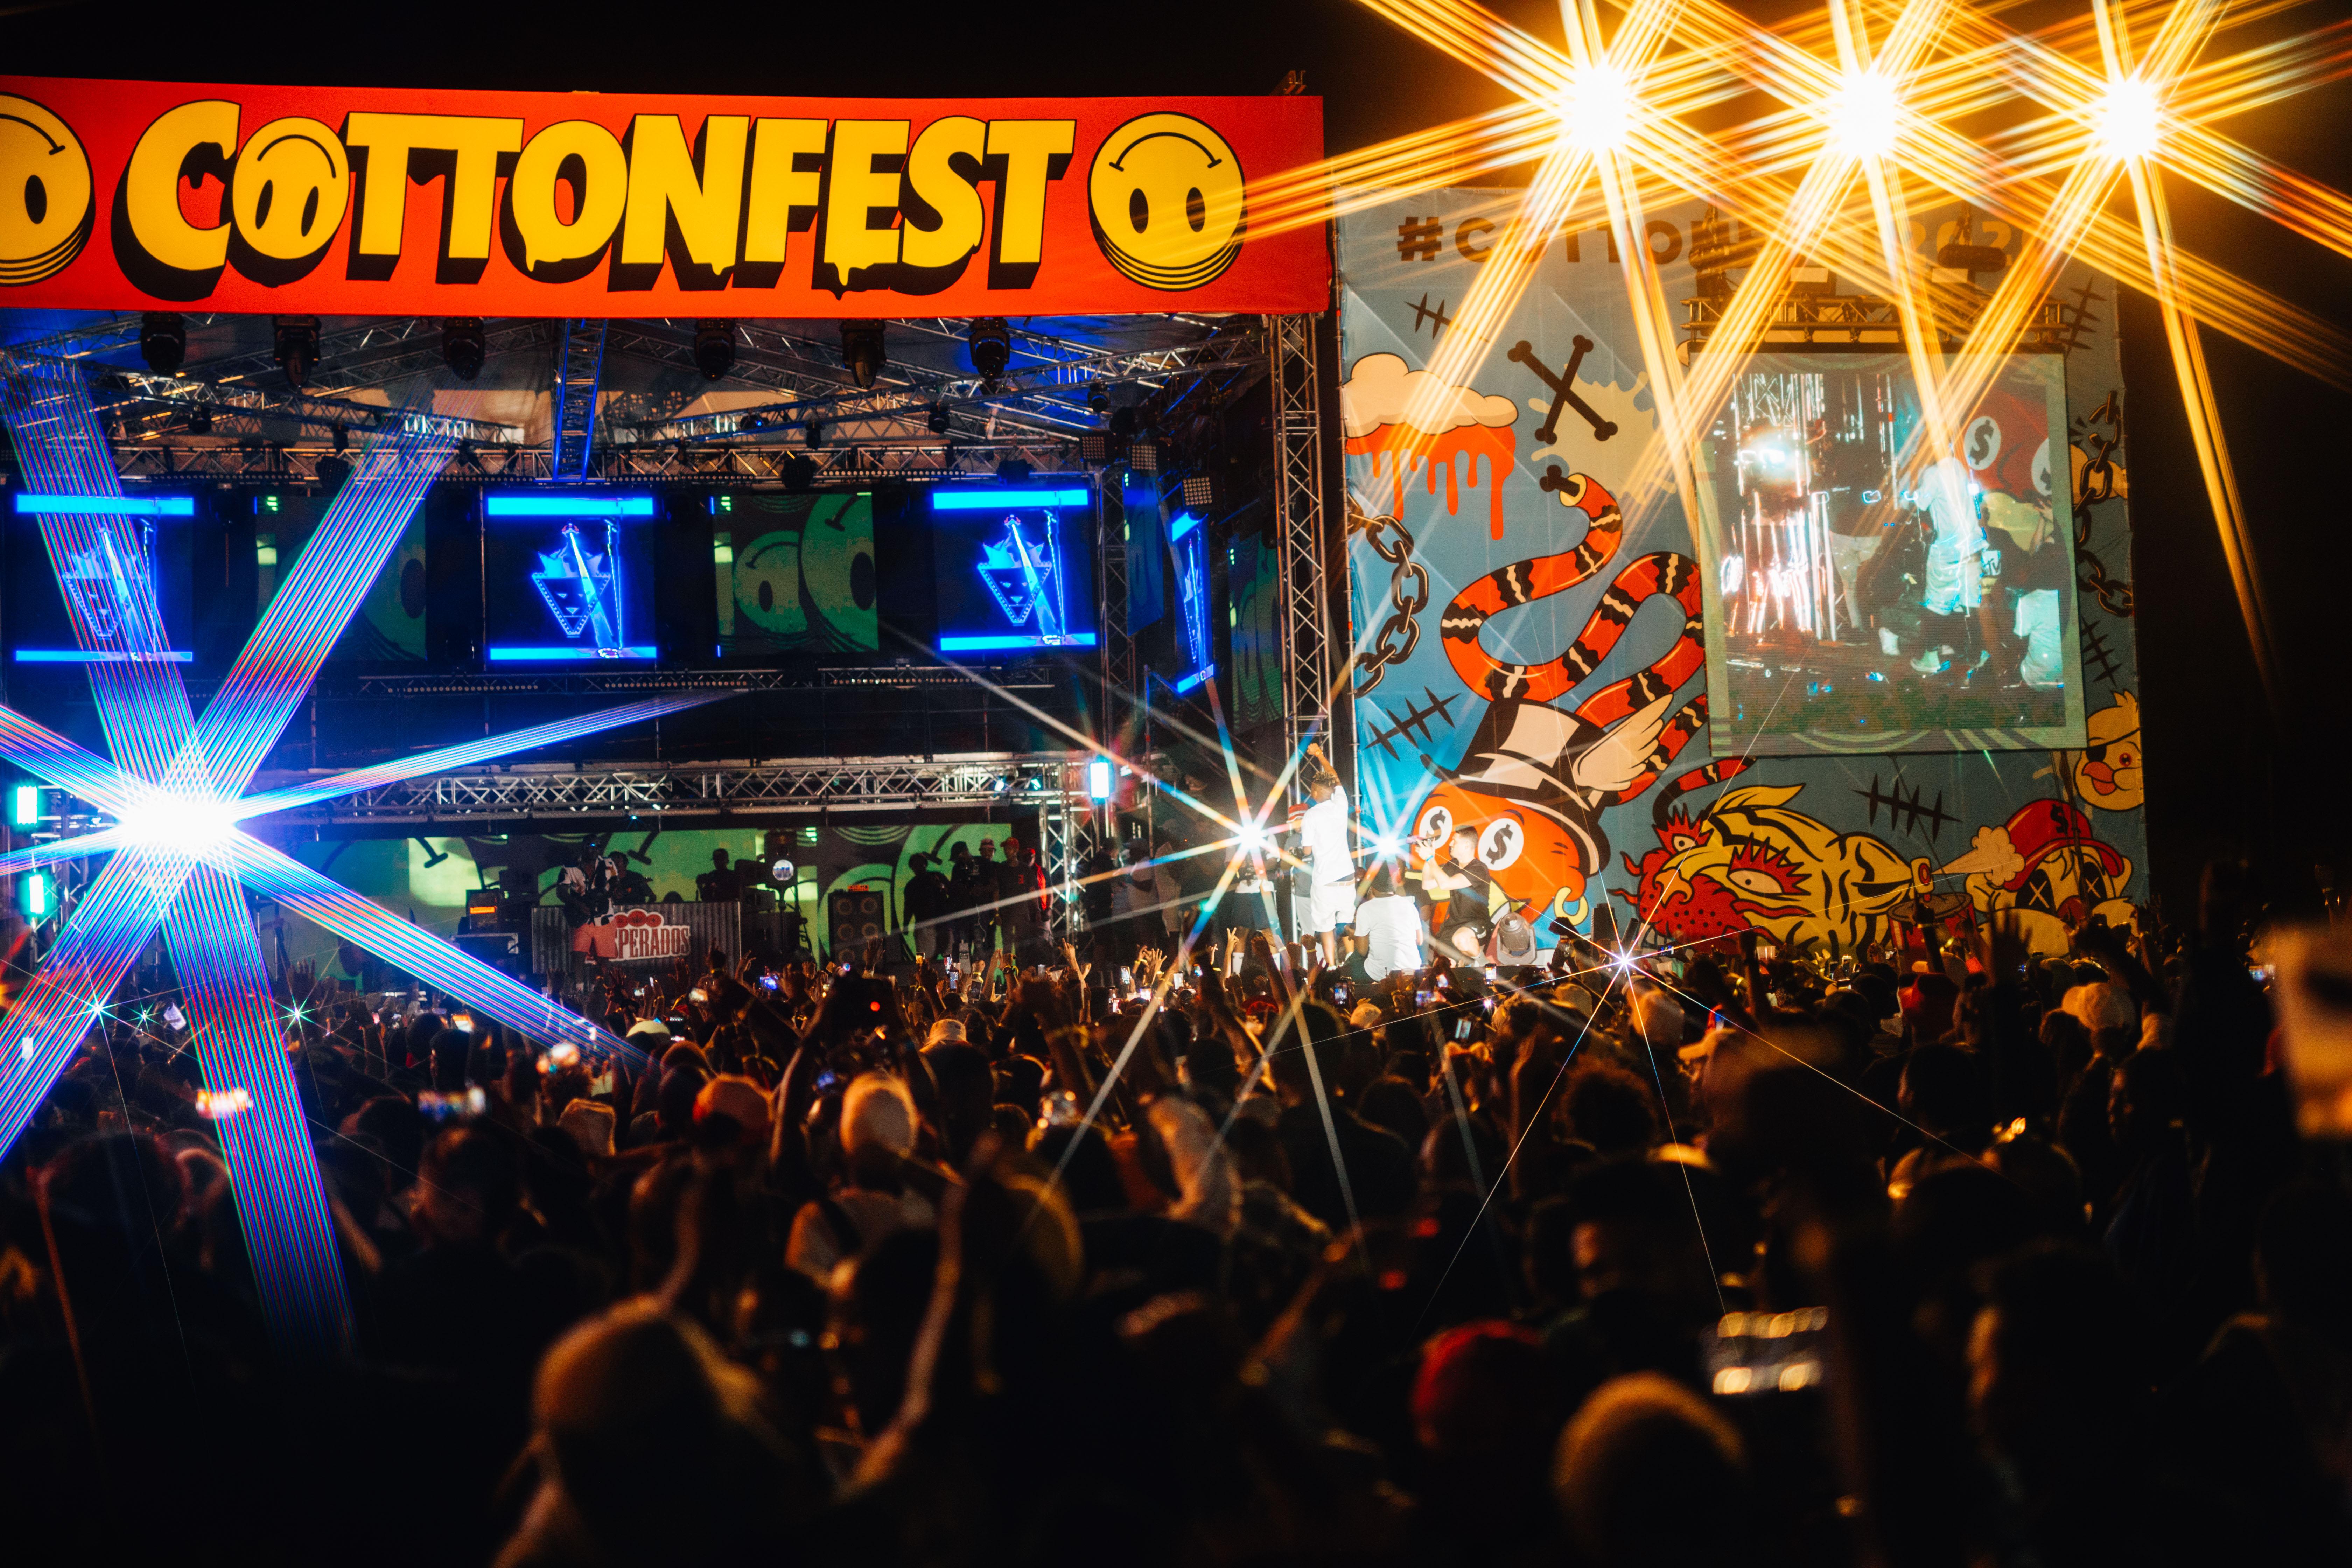 COTTON FEST 2020